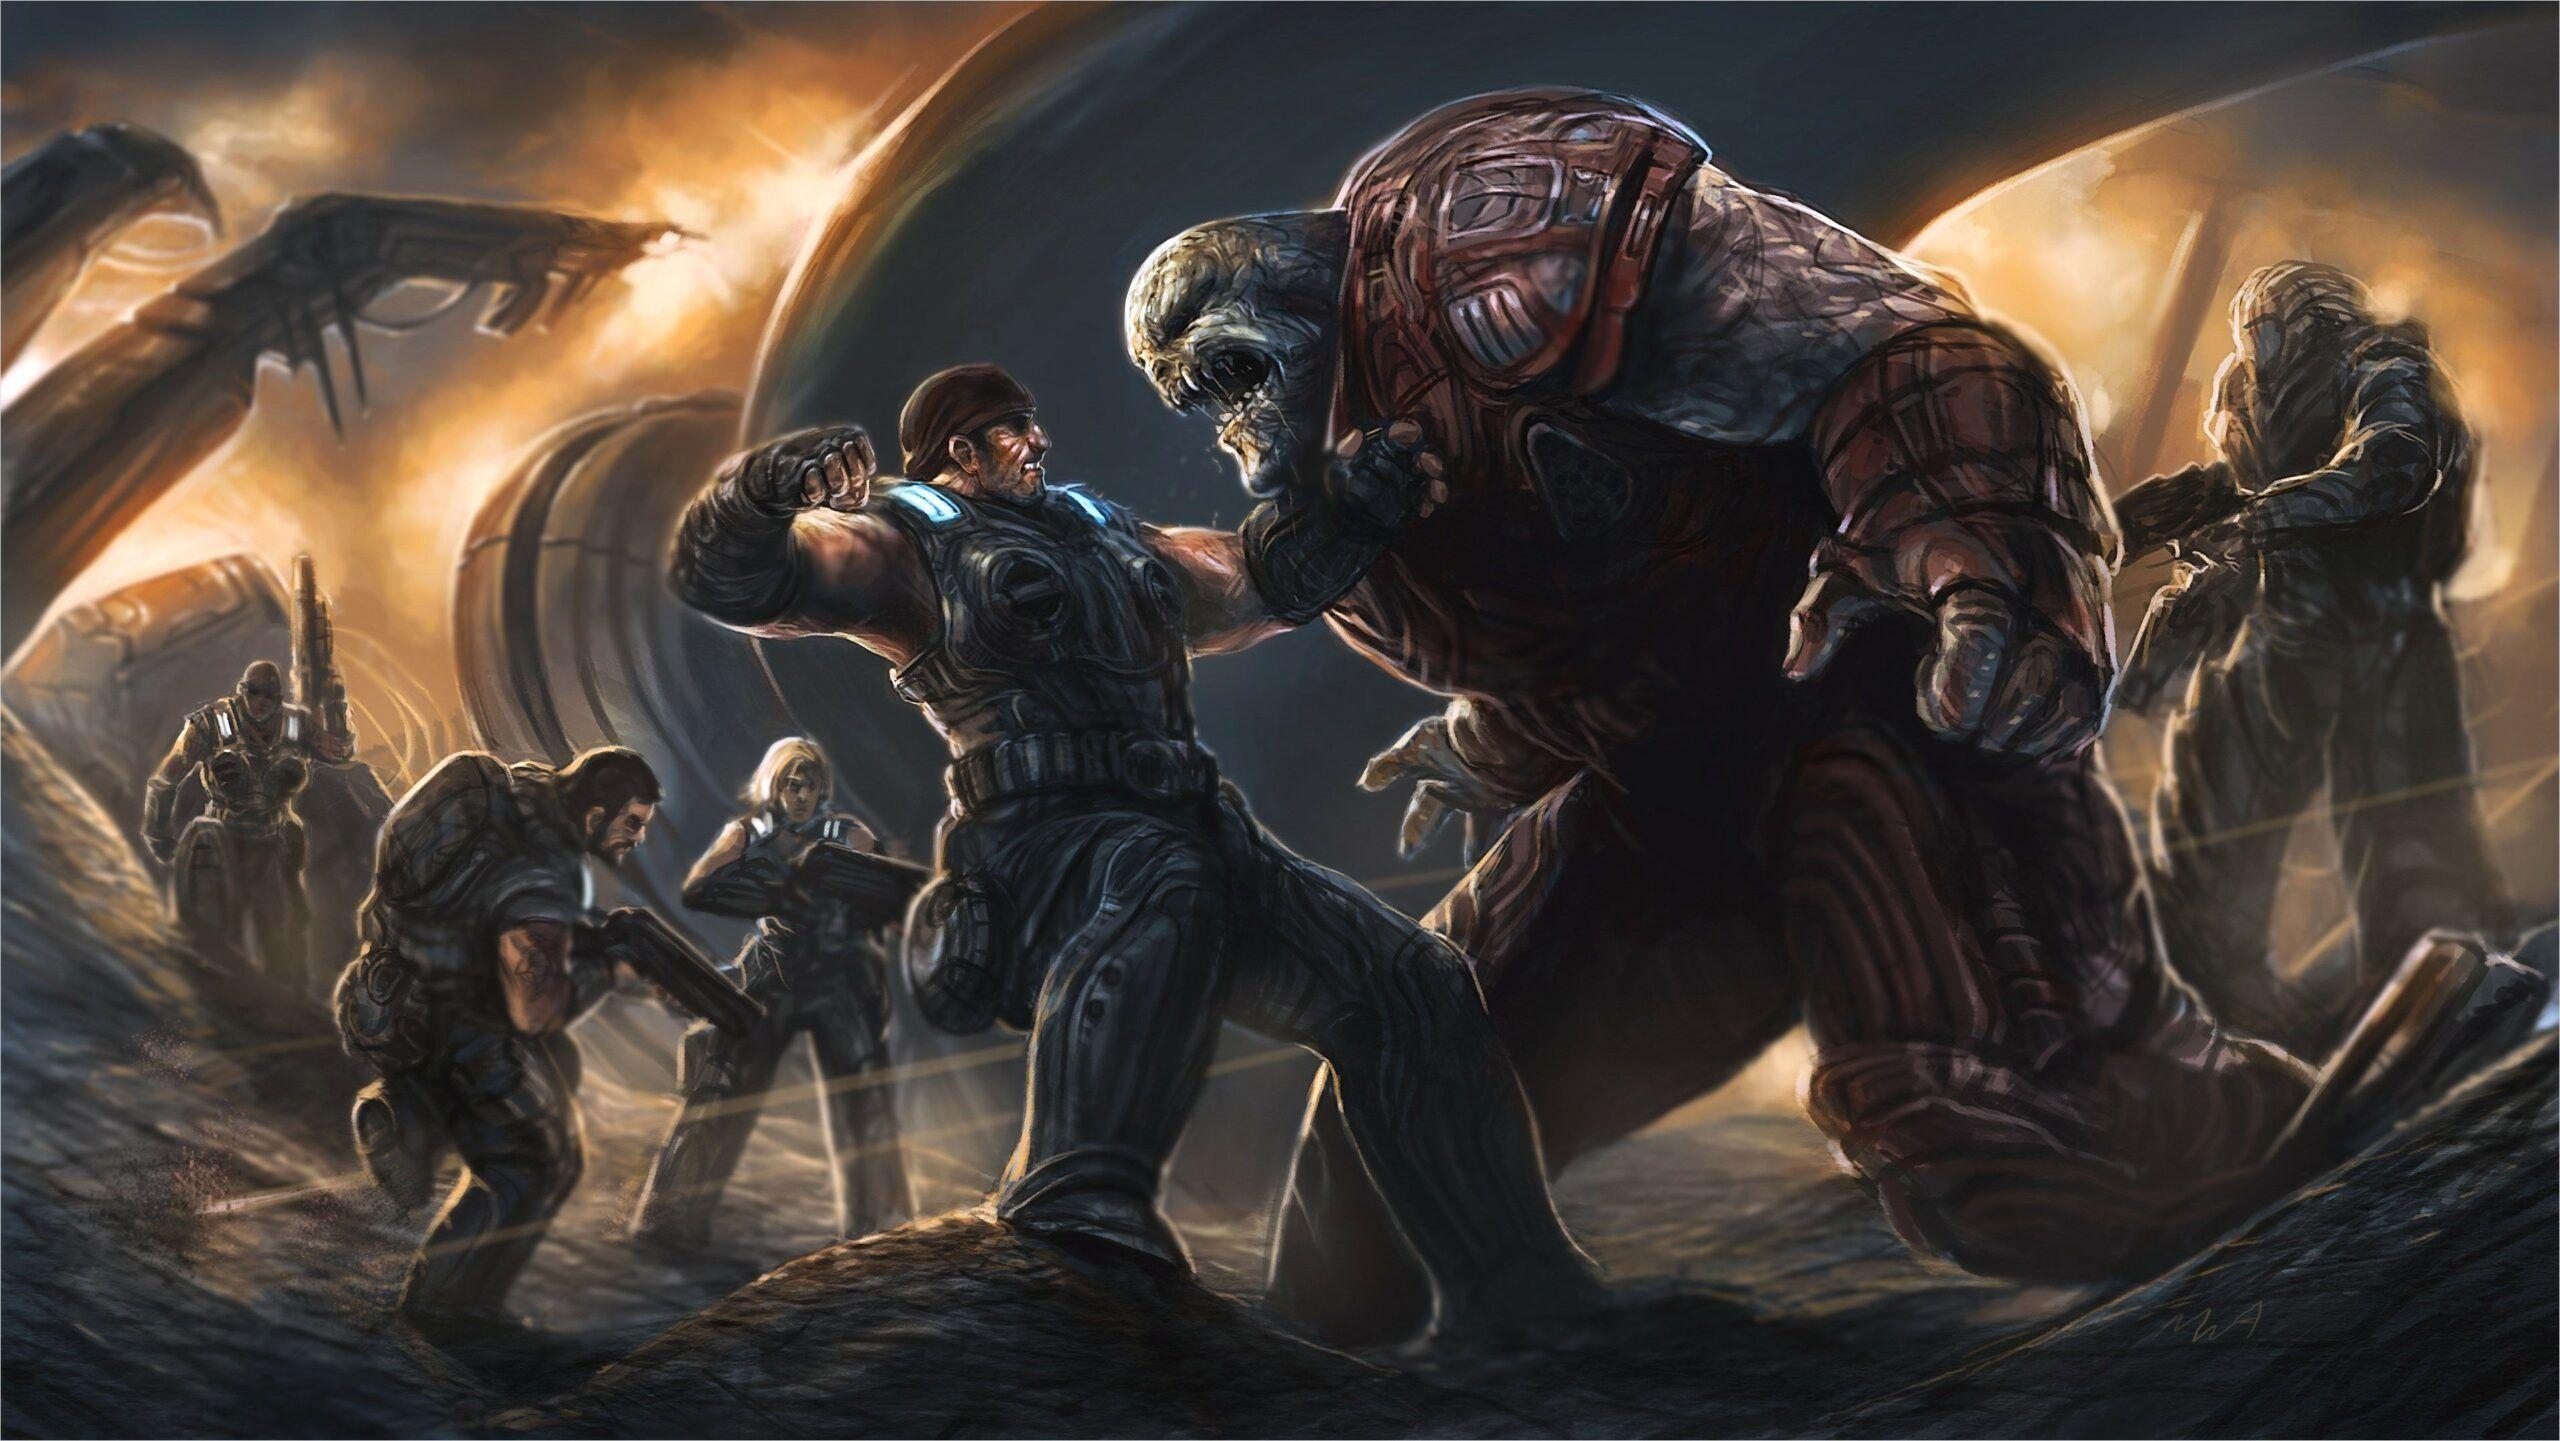 4k Gears Of War Wallpaper In 2020 Gears Of War 3 Gears Of War Gears Of War 2